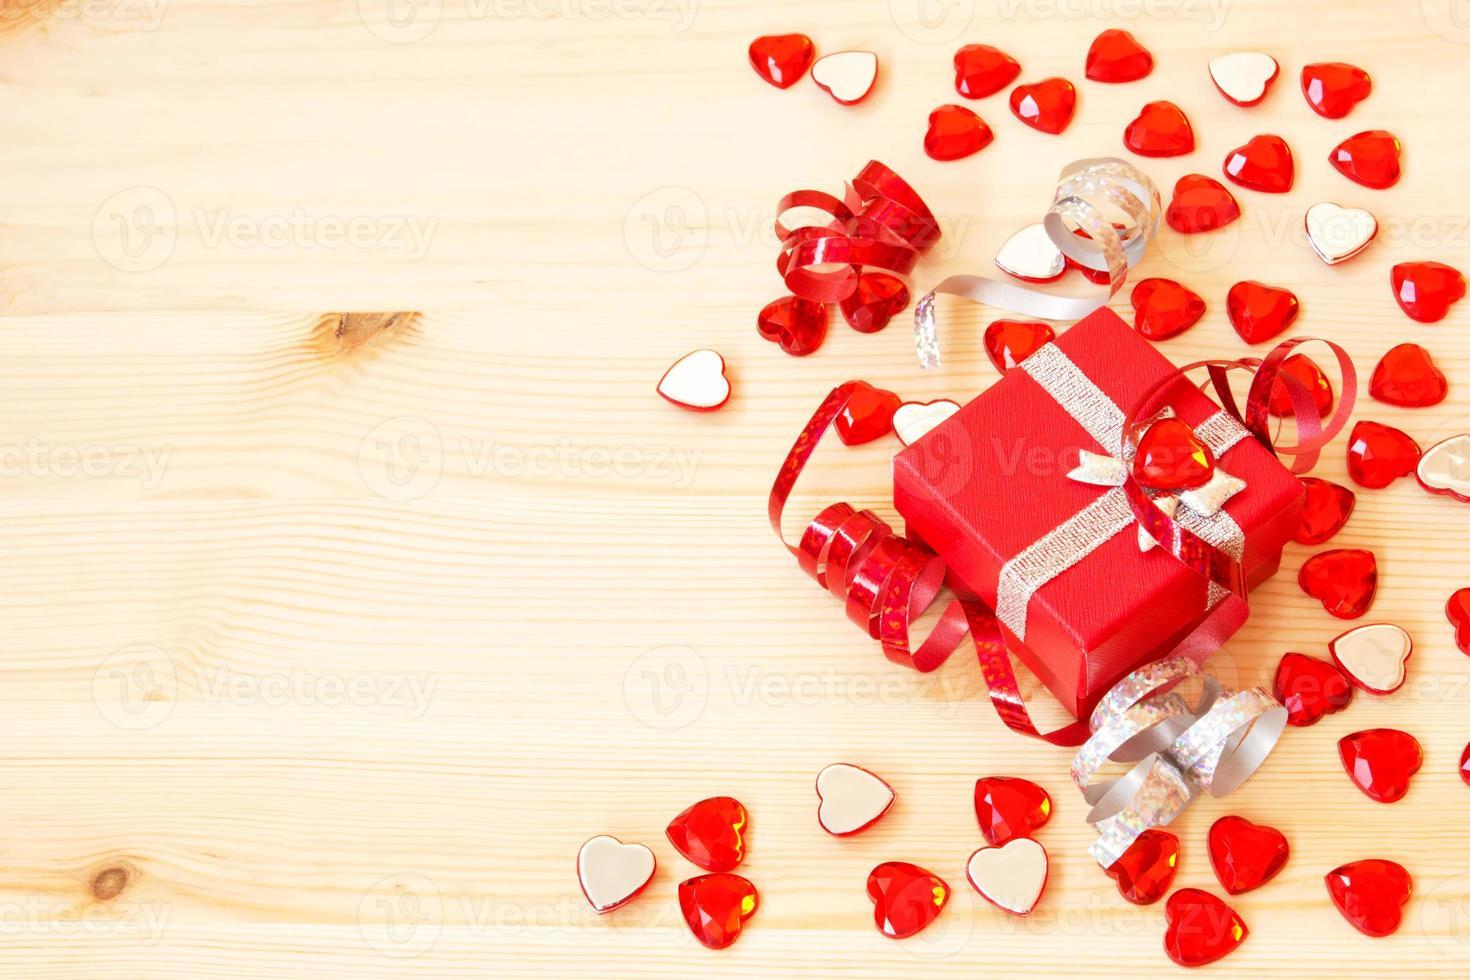 söt röd presentask, band och alla hjärtans hjärtan foto